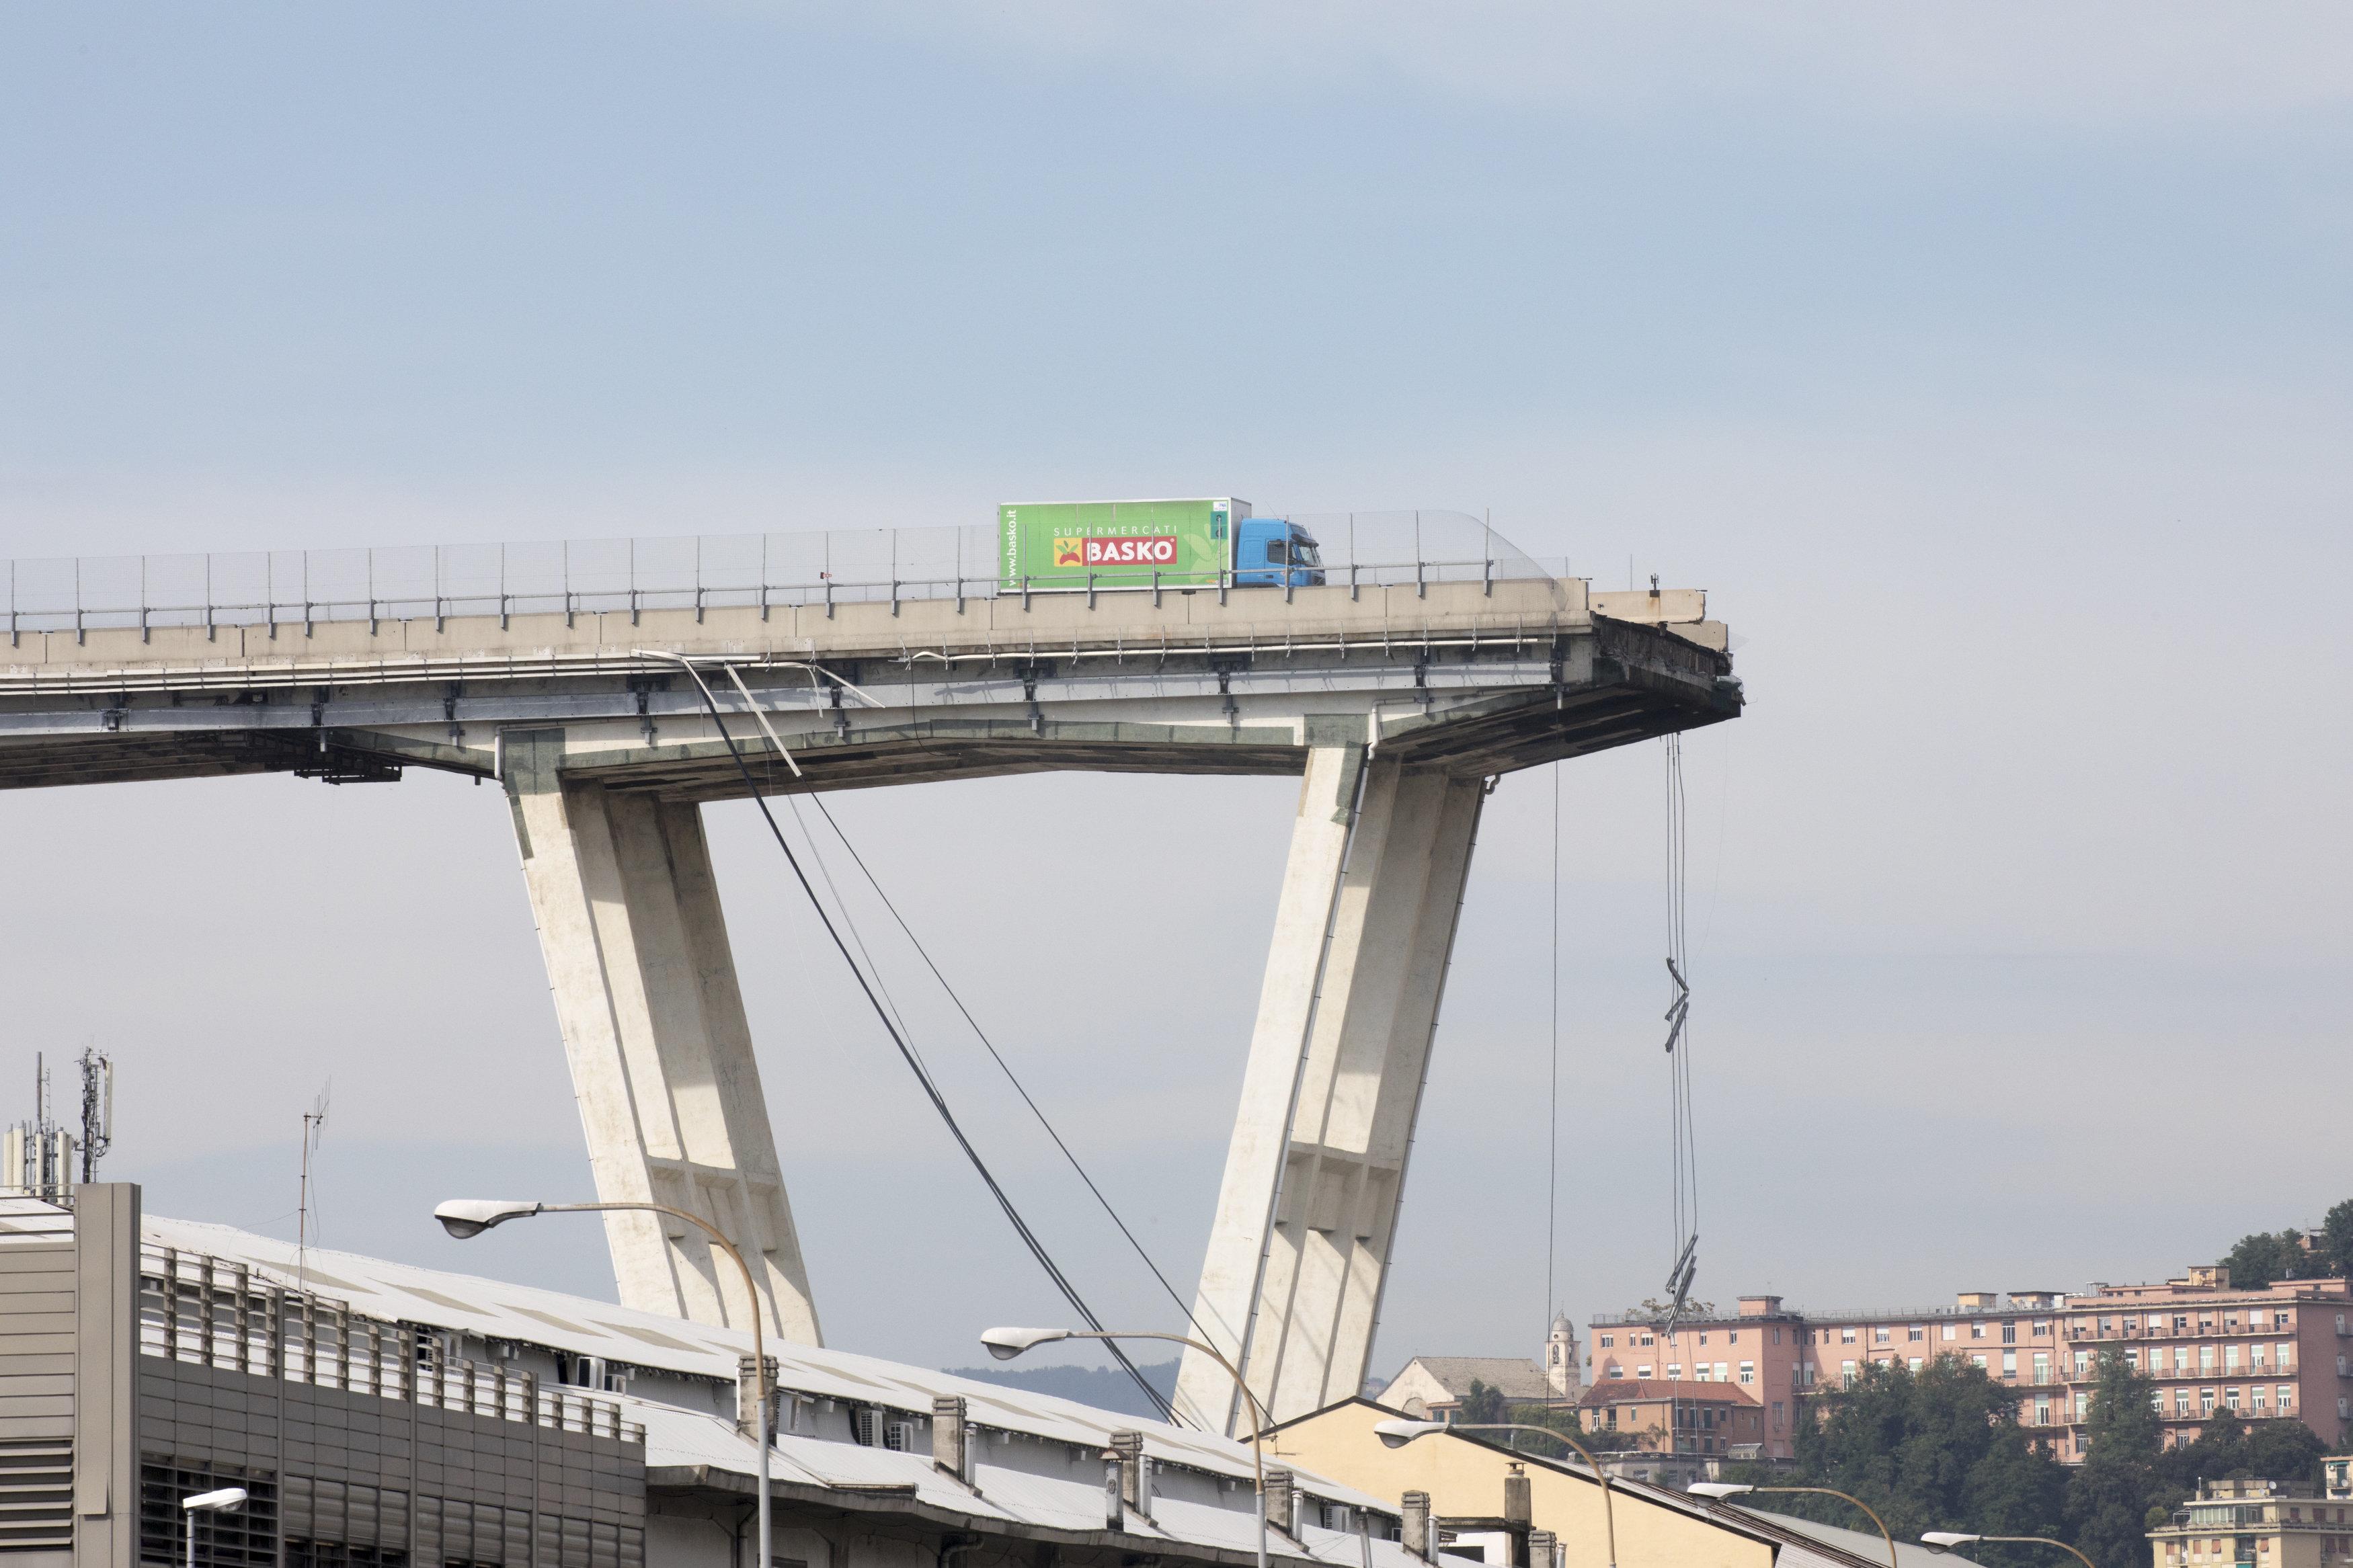 Lkw-Fahrer aus Genau beschreibt, wie vor ihm die Brücke